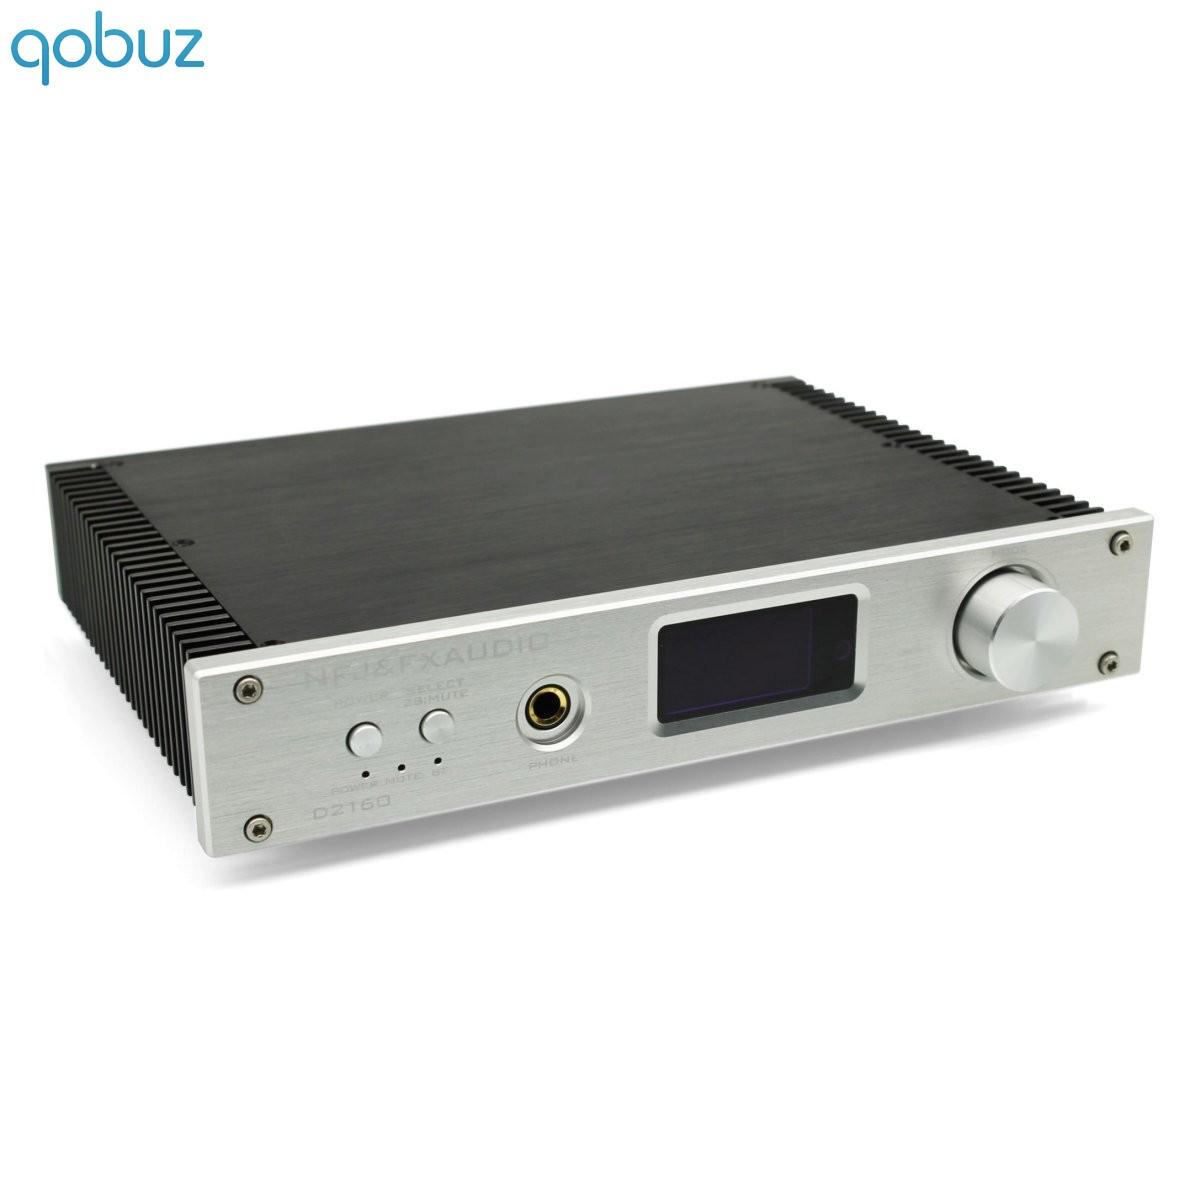 FX-AUDIO D2160 Amplificateur FDA Bluetooth 4.2 TAS5614 2x65W 8 Ohms Argent